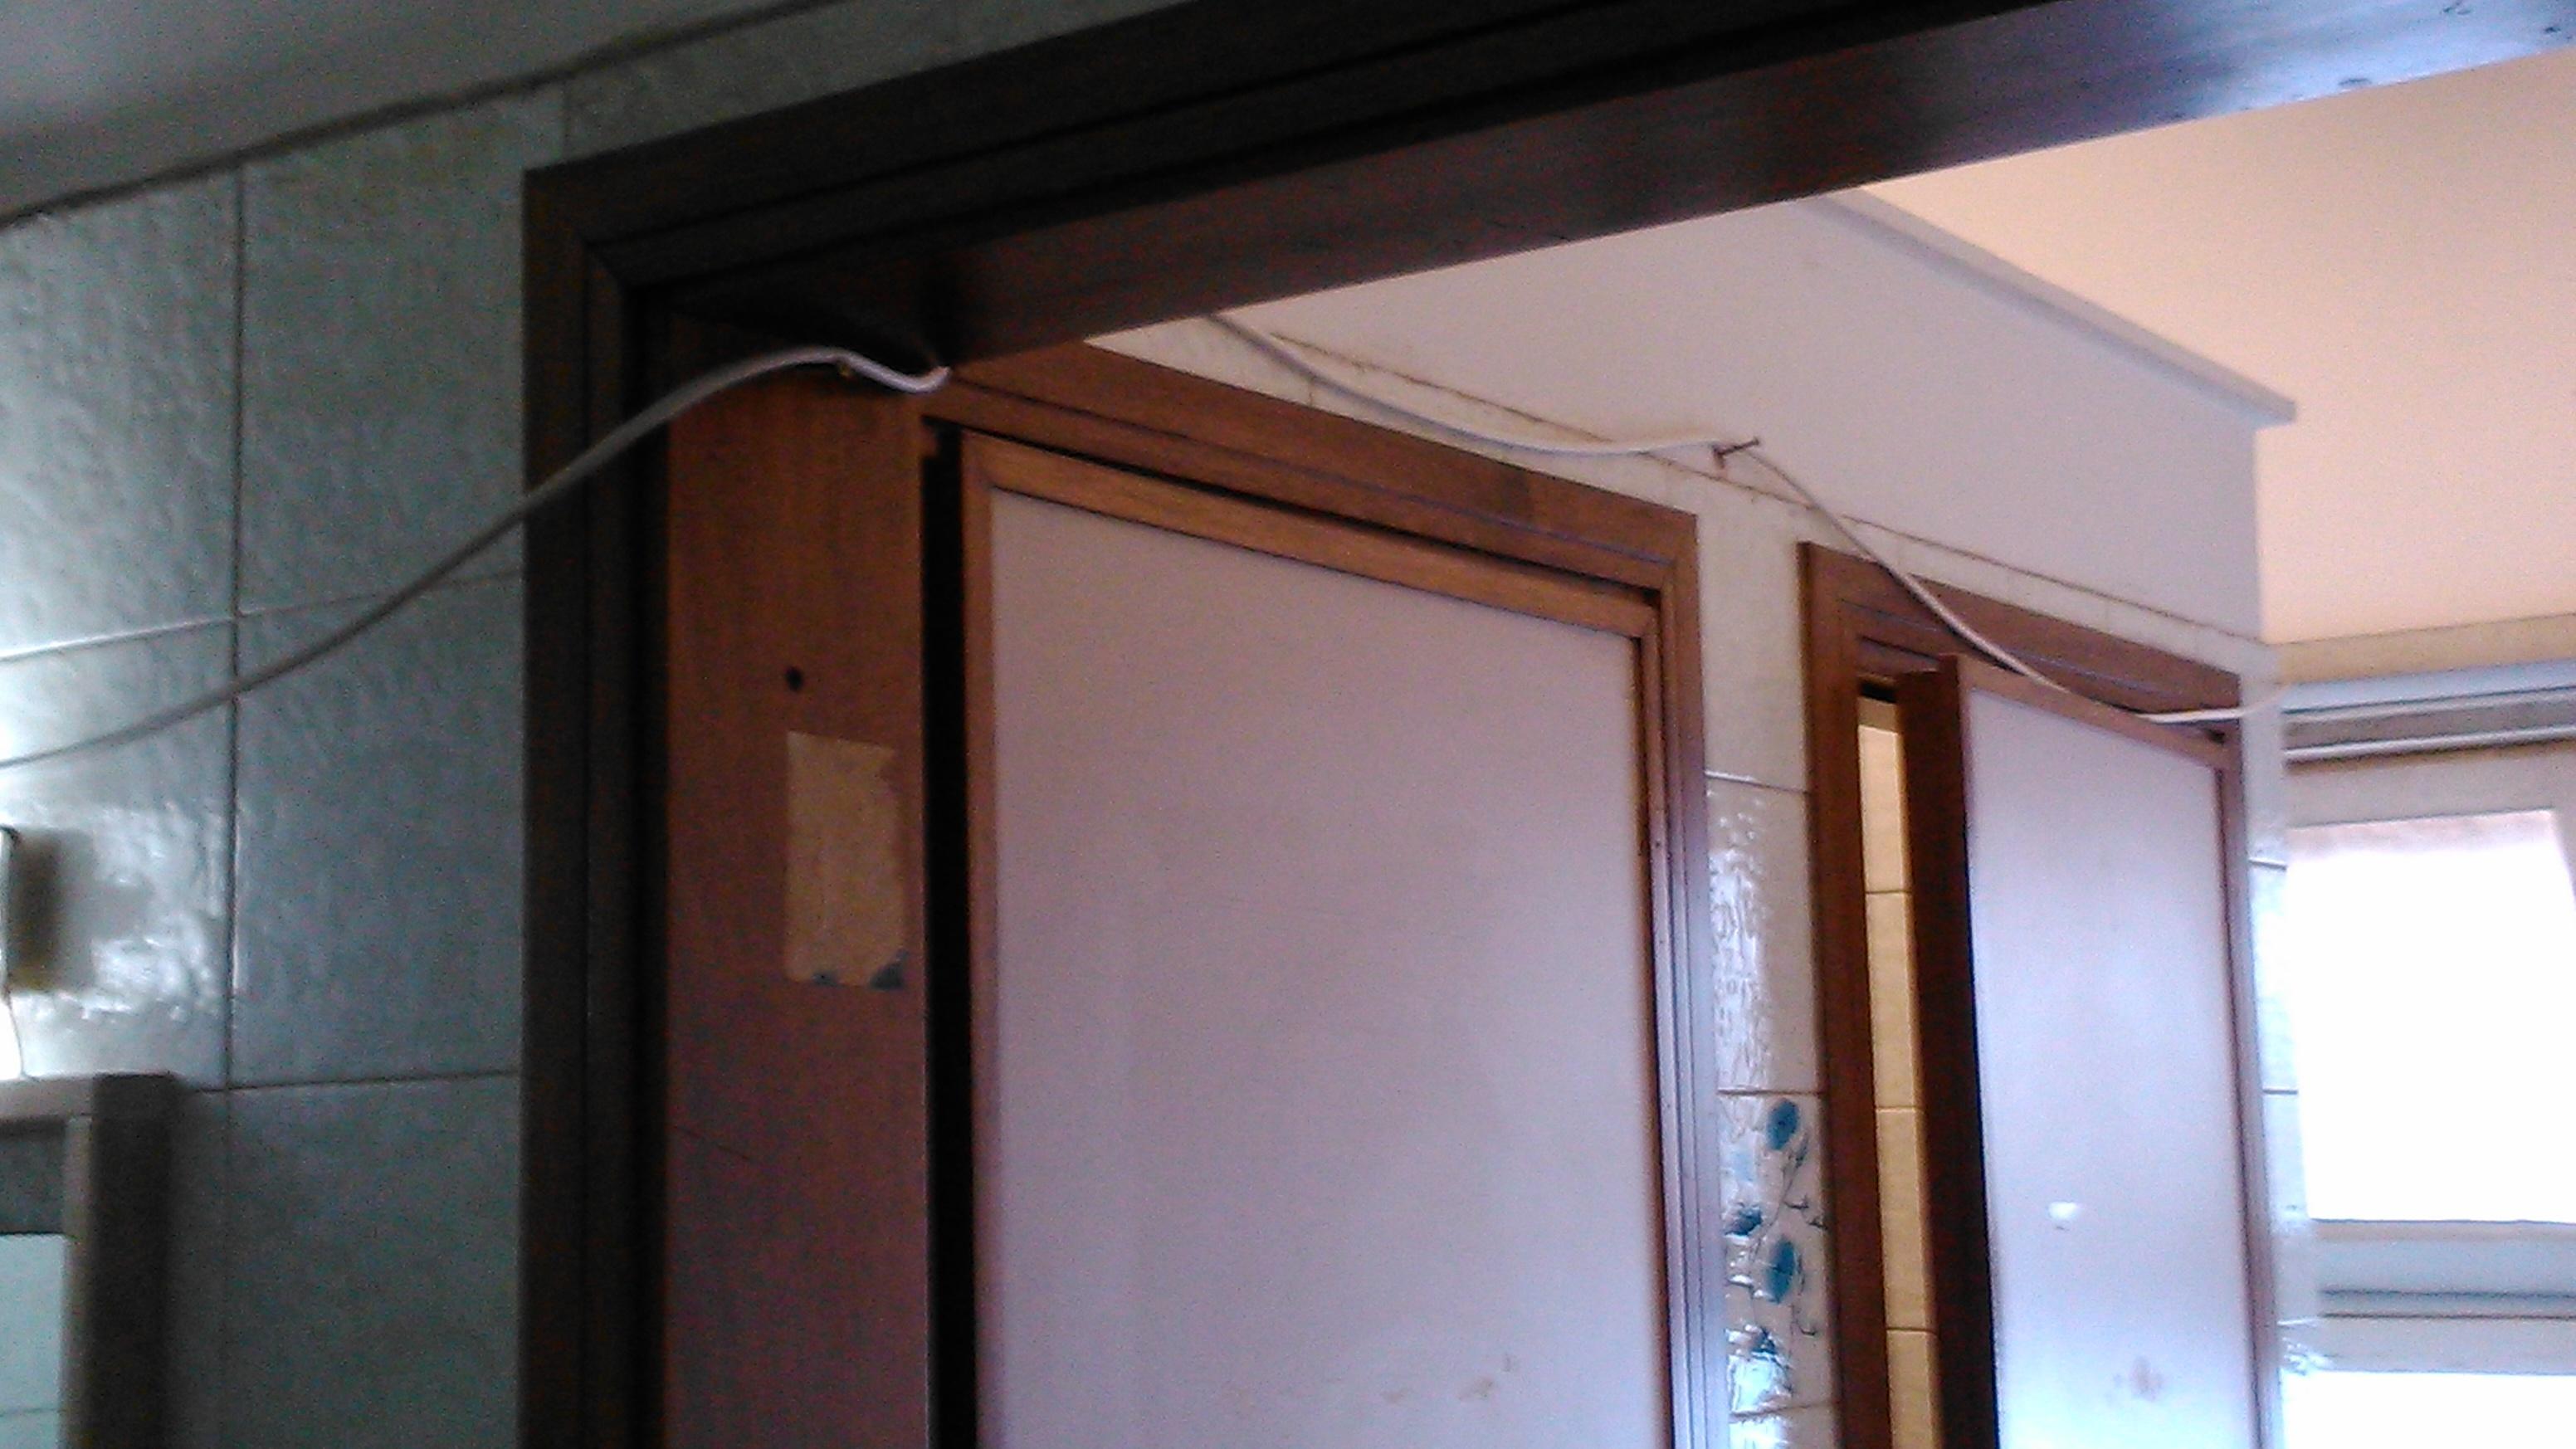 L'interno che dalle camere porta ai bagni, coi fili di corrente che penzonalano sui serramenti